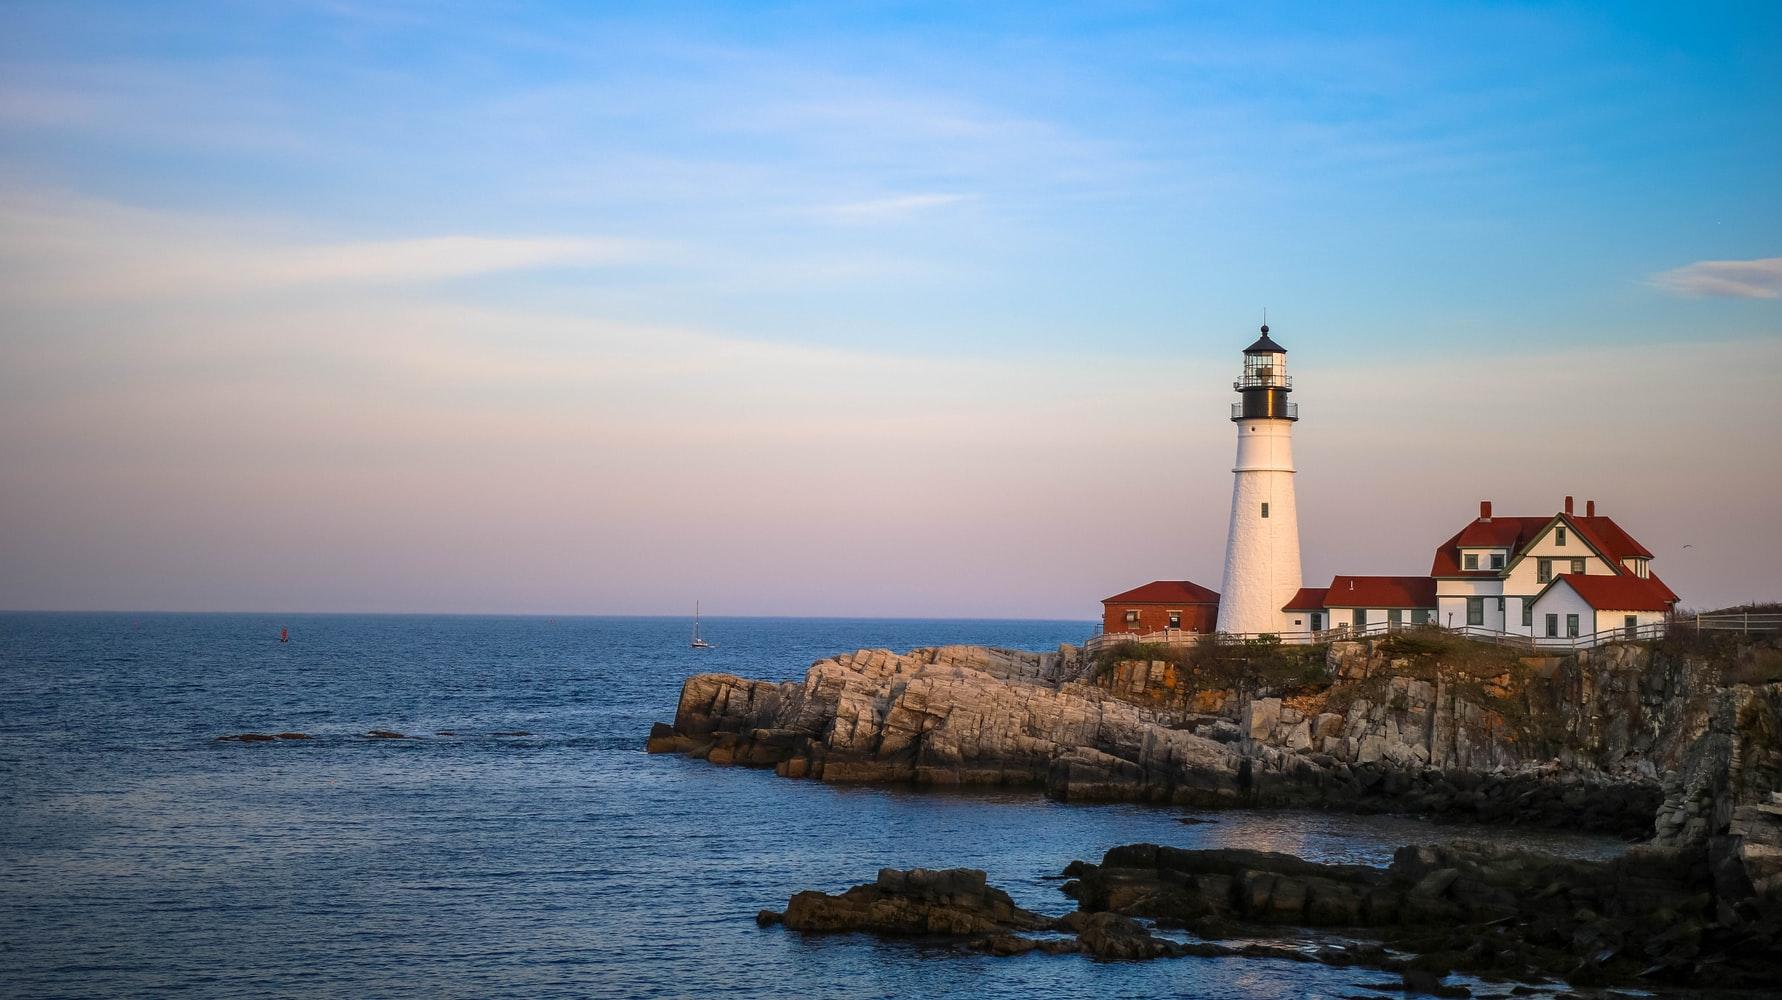 A white lighthouse on a rocky beach near the ocean, at dusk.